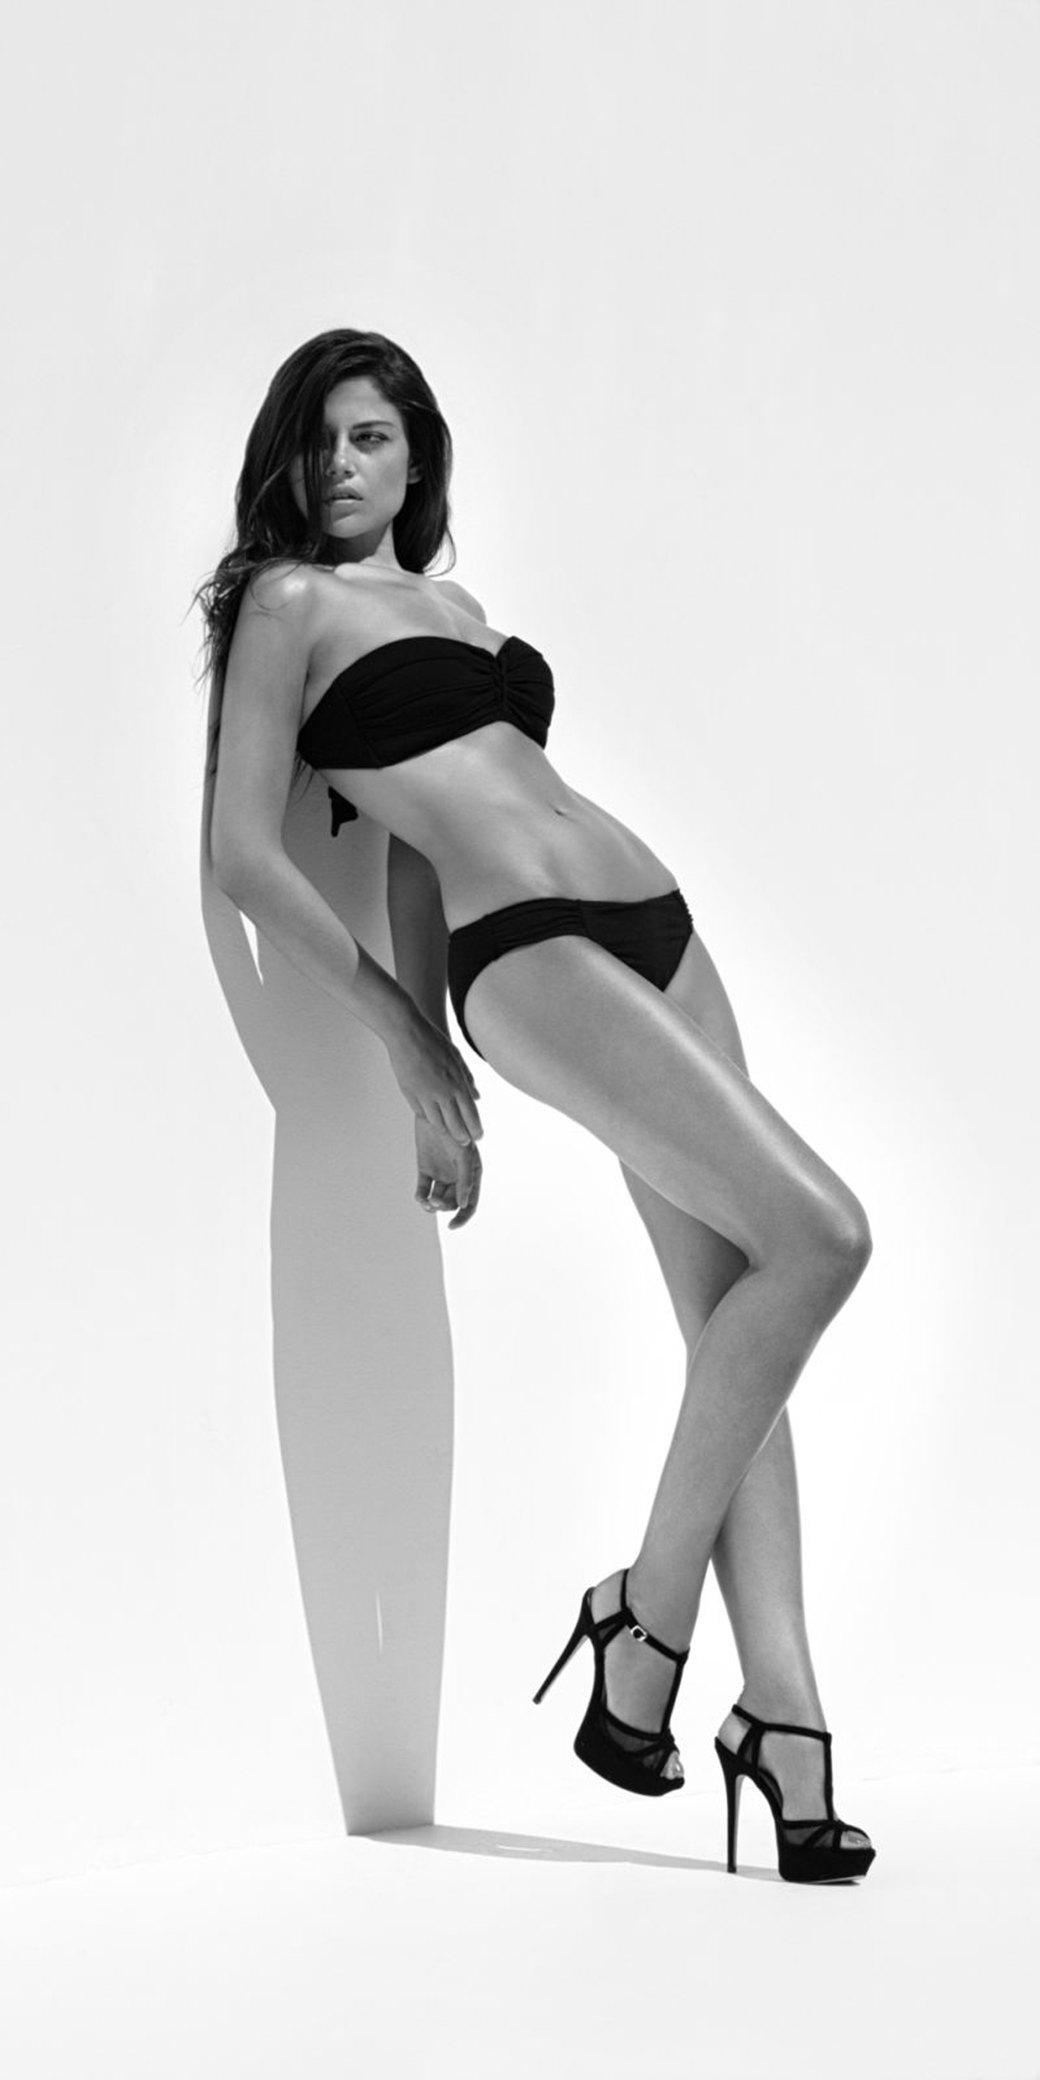 Майкл Пламридж сфотографировал Лорен Гаррисон для нового номера журнала Wolf Magazine. Изображение № 4.